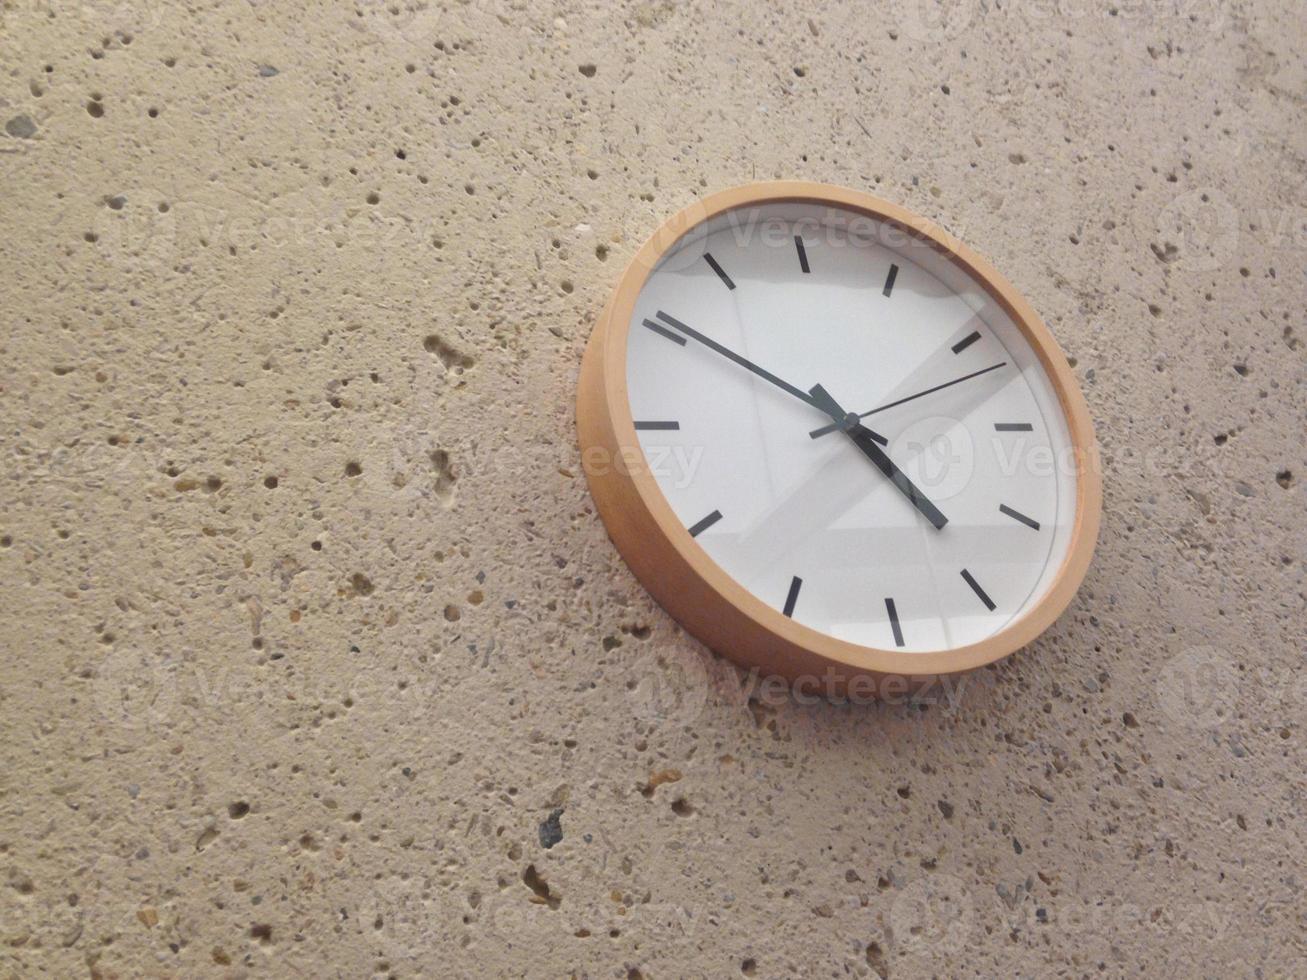 relógio de parede analógico clássico simples foto